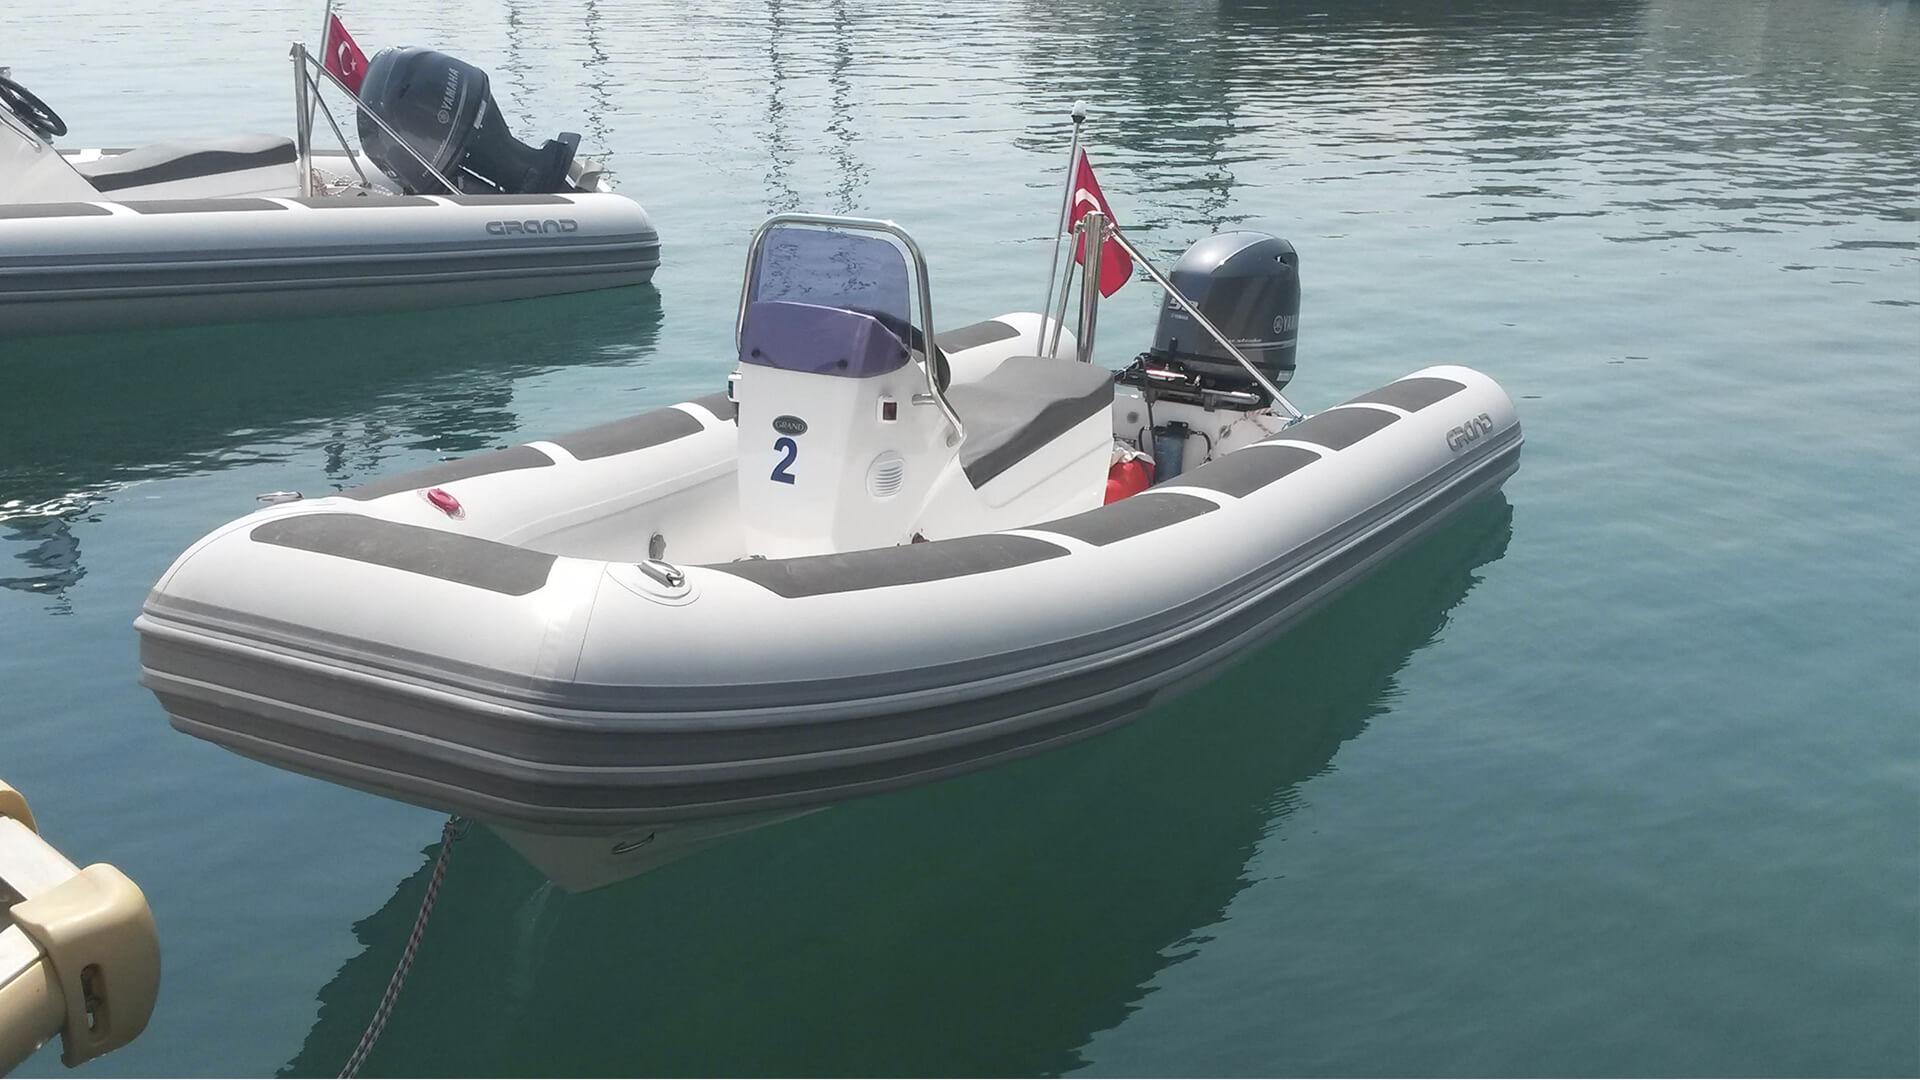 Надувная лодка с жестким дном GRAND Silver Line S420NS, Надувная лодка GRAND Silver Line S420NS, GRAND Silver Line S420NS, GRAND Silver Line S420NSF, GRAND S420NS, GRAND S420NSF, GRAND S420, Надувная лодка GRAND, Надувная лодка ГРАНД, Надувная лодка с жестким дном, RIB, Rigid Inflatable Boats